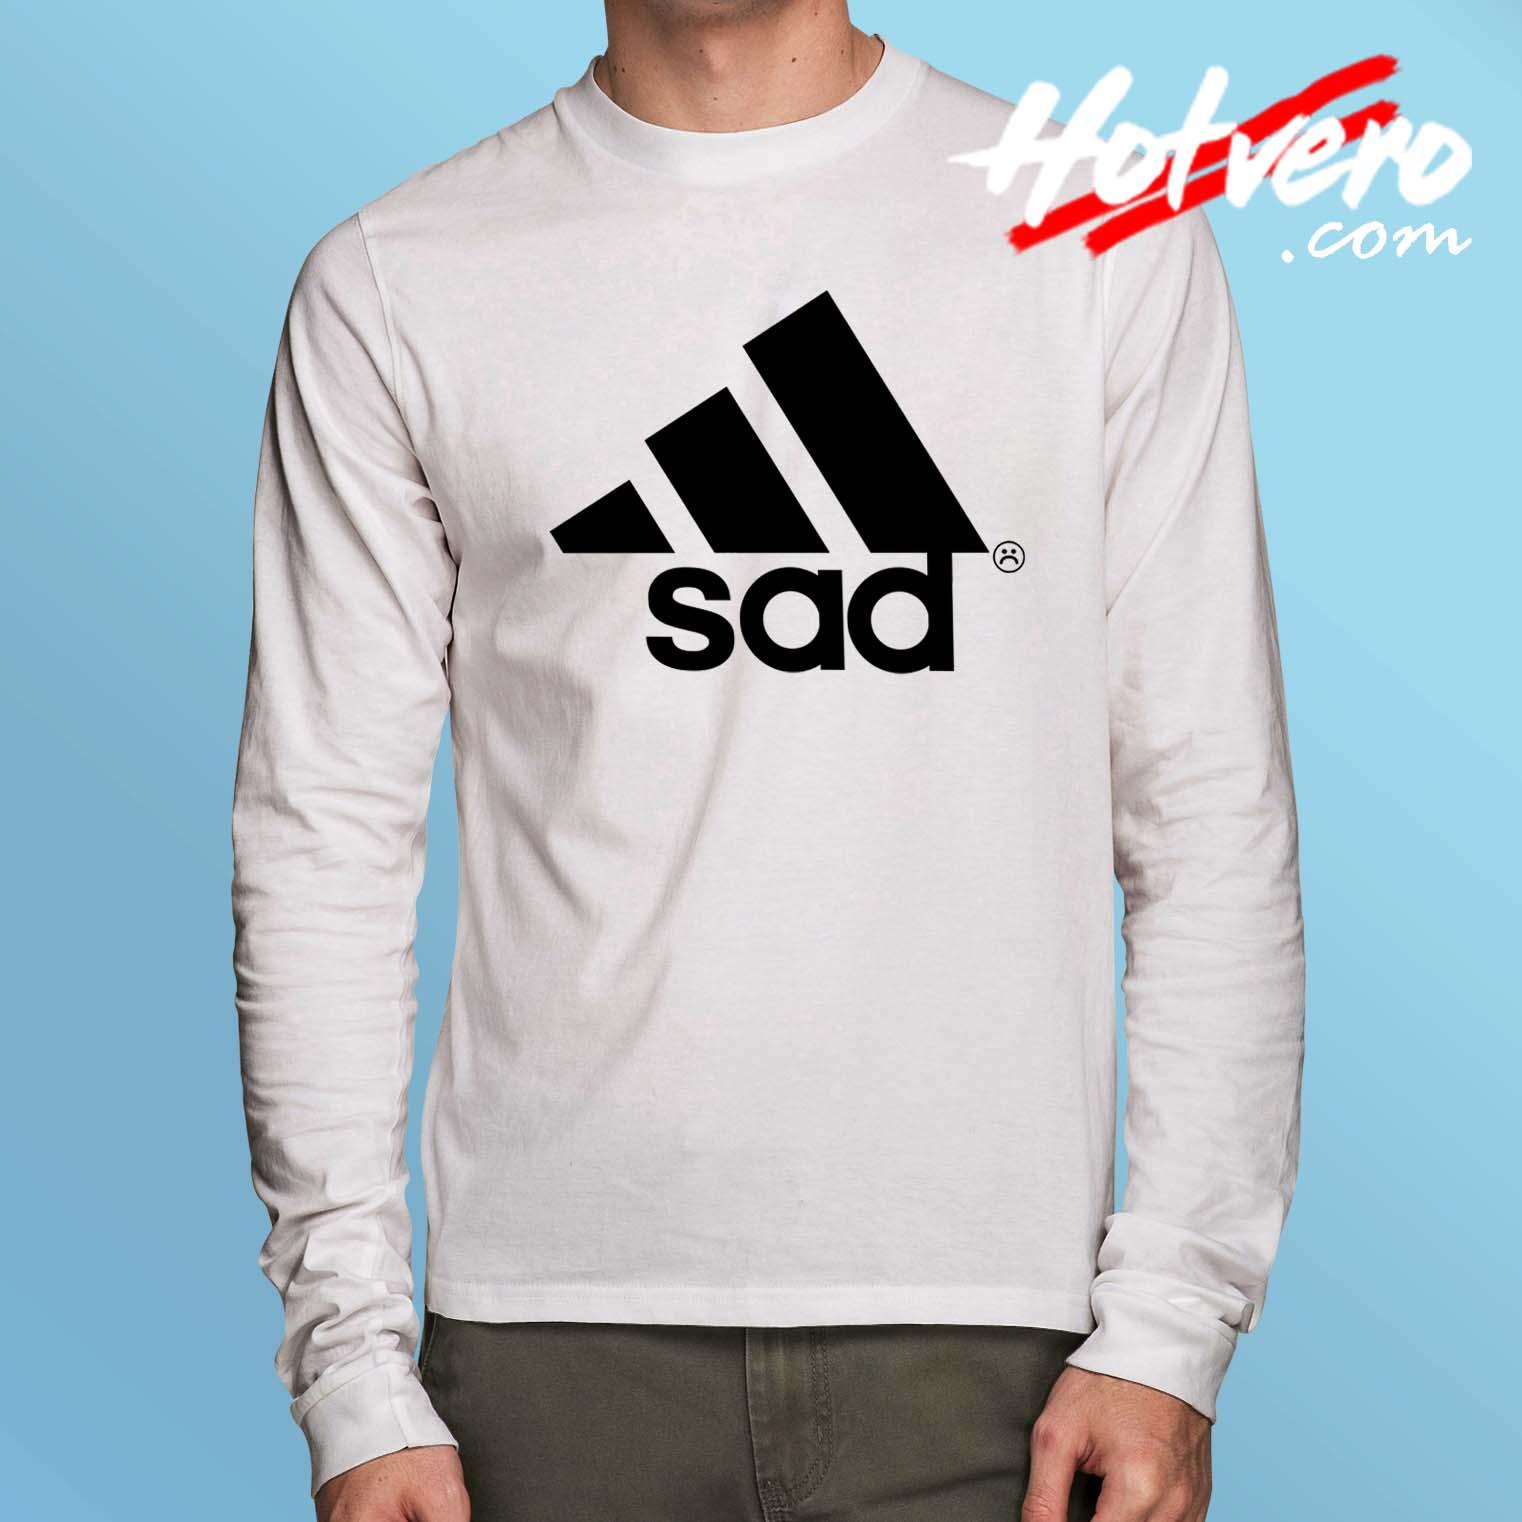 9eec0b0645 Funny Sad Adidas Parody Long Sleeve Shirt - Hotvero.com